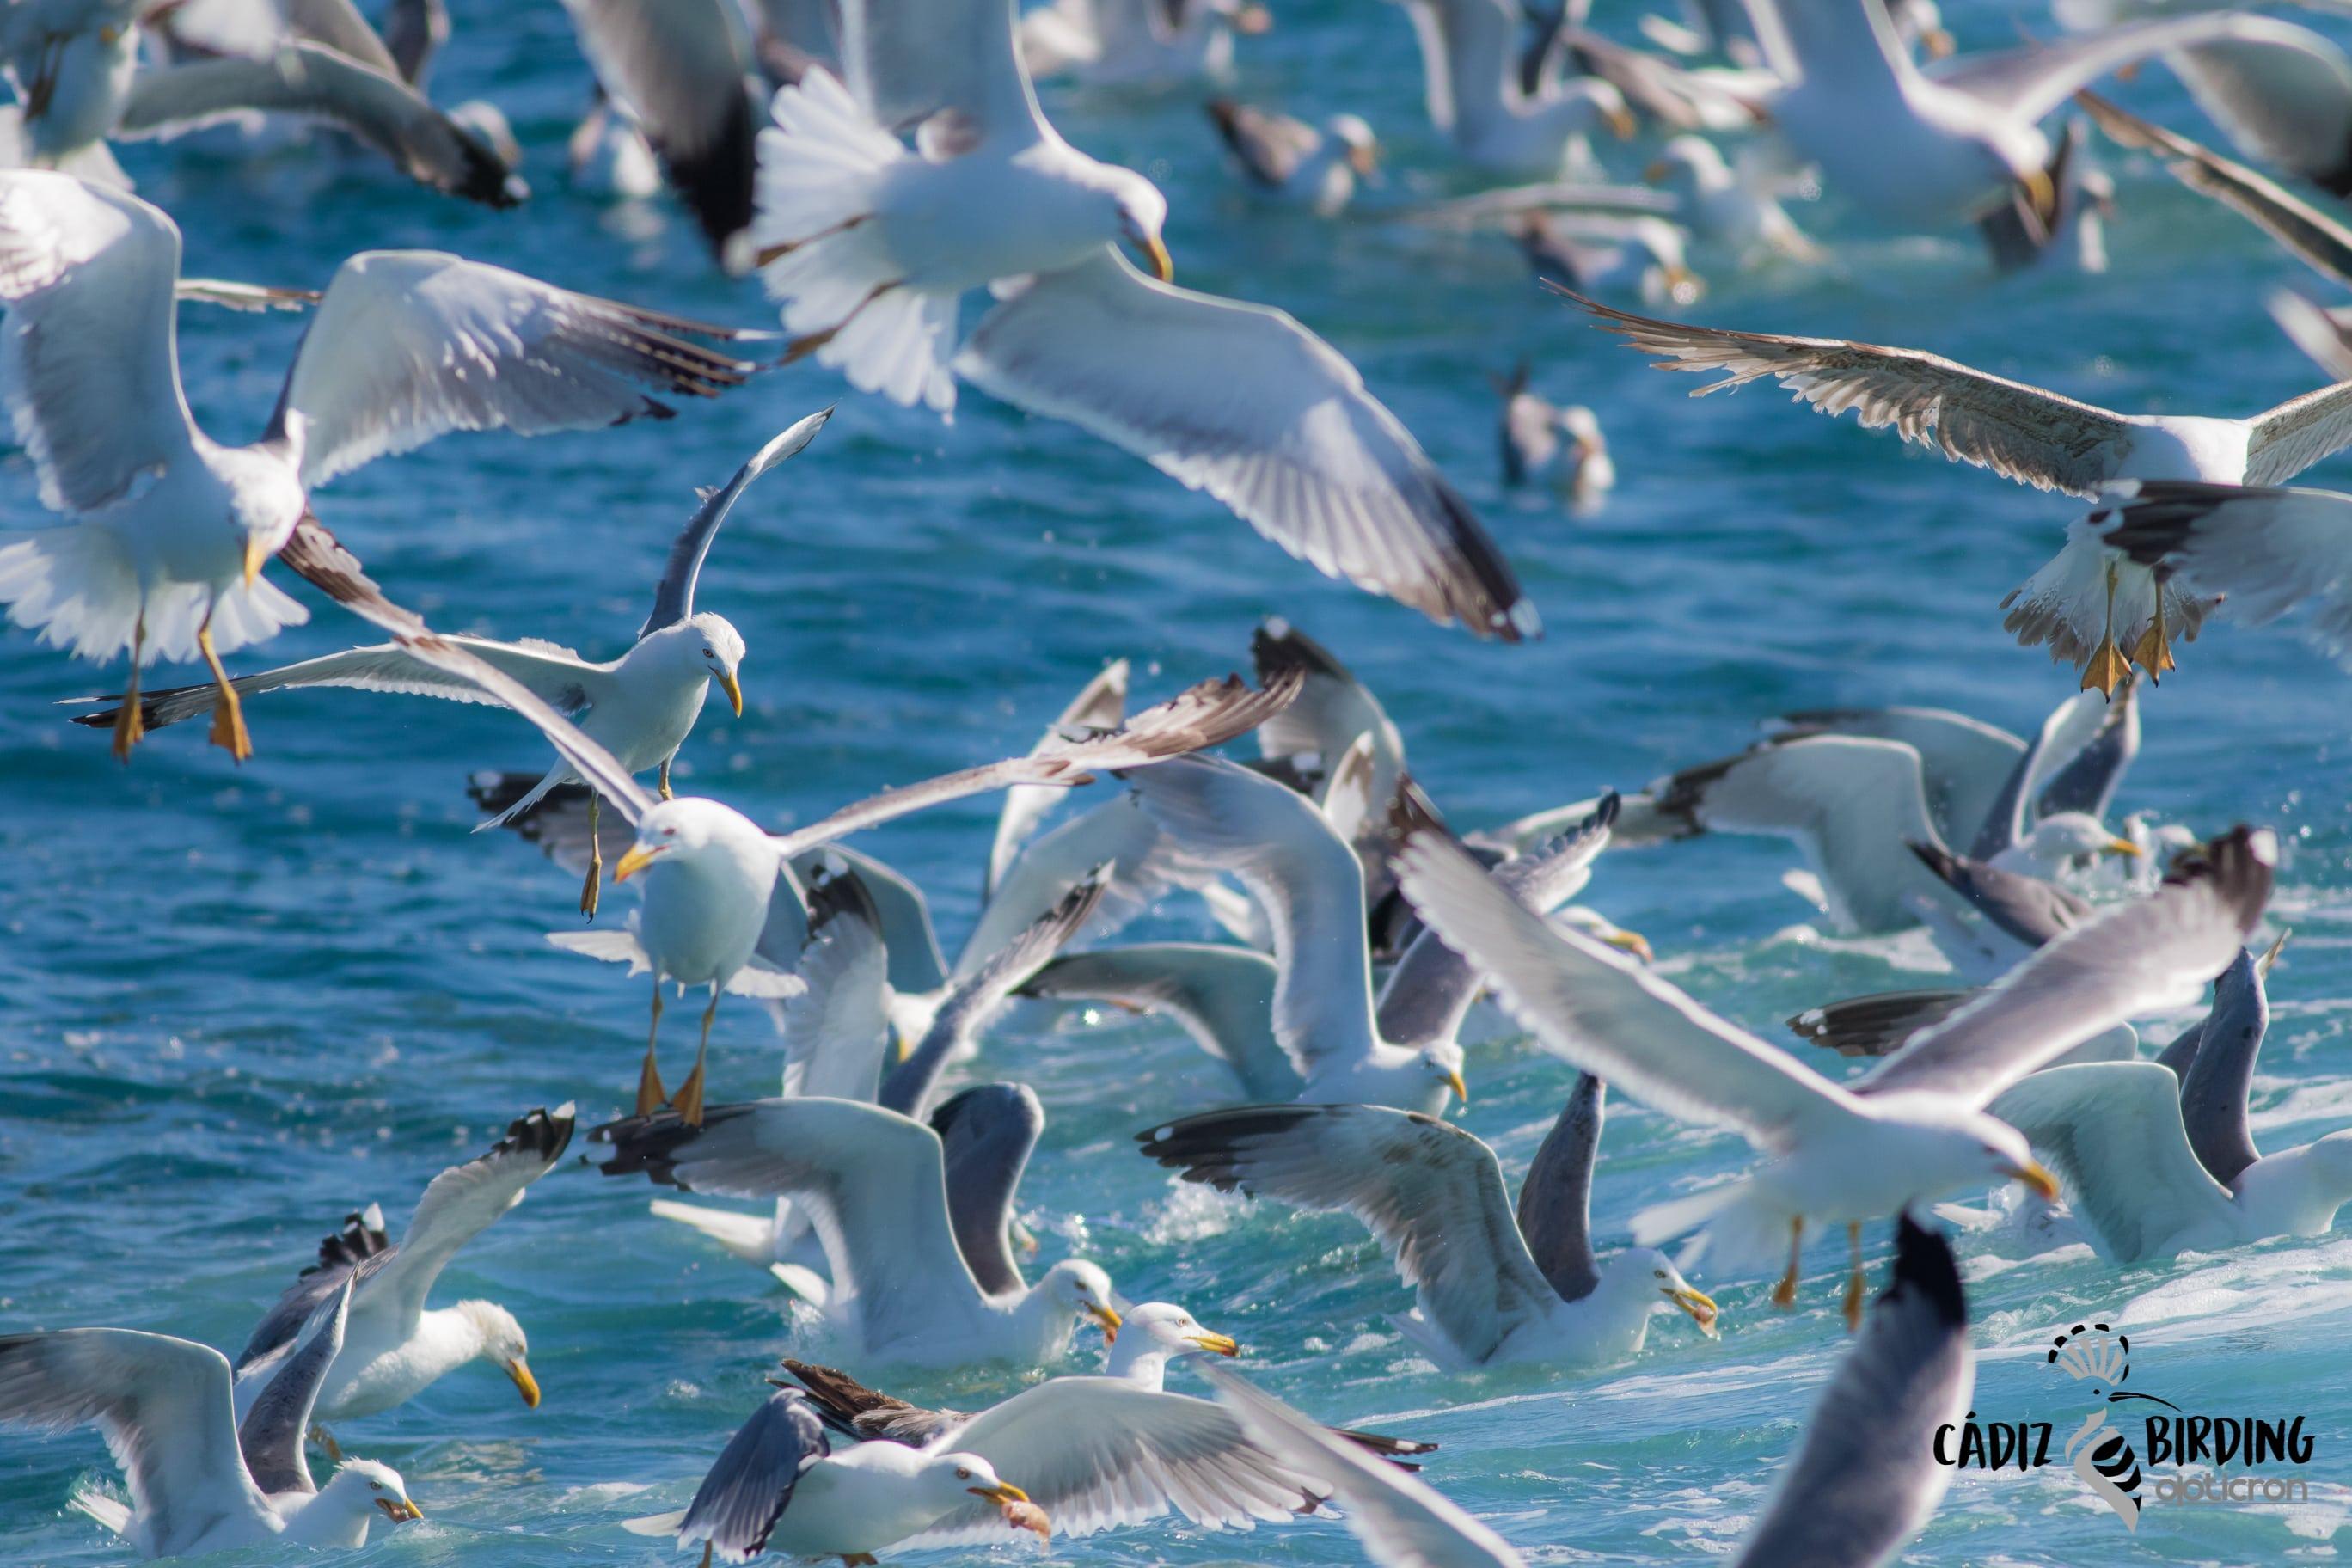 Investigadores de la UCA aconsejan al Gobierno ampliar el área de protección para el ave marina más amenazada del planeta